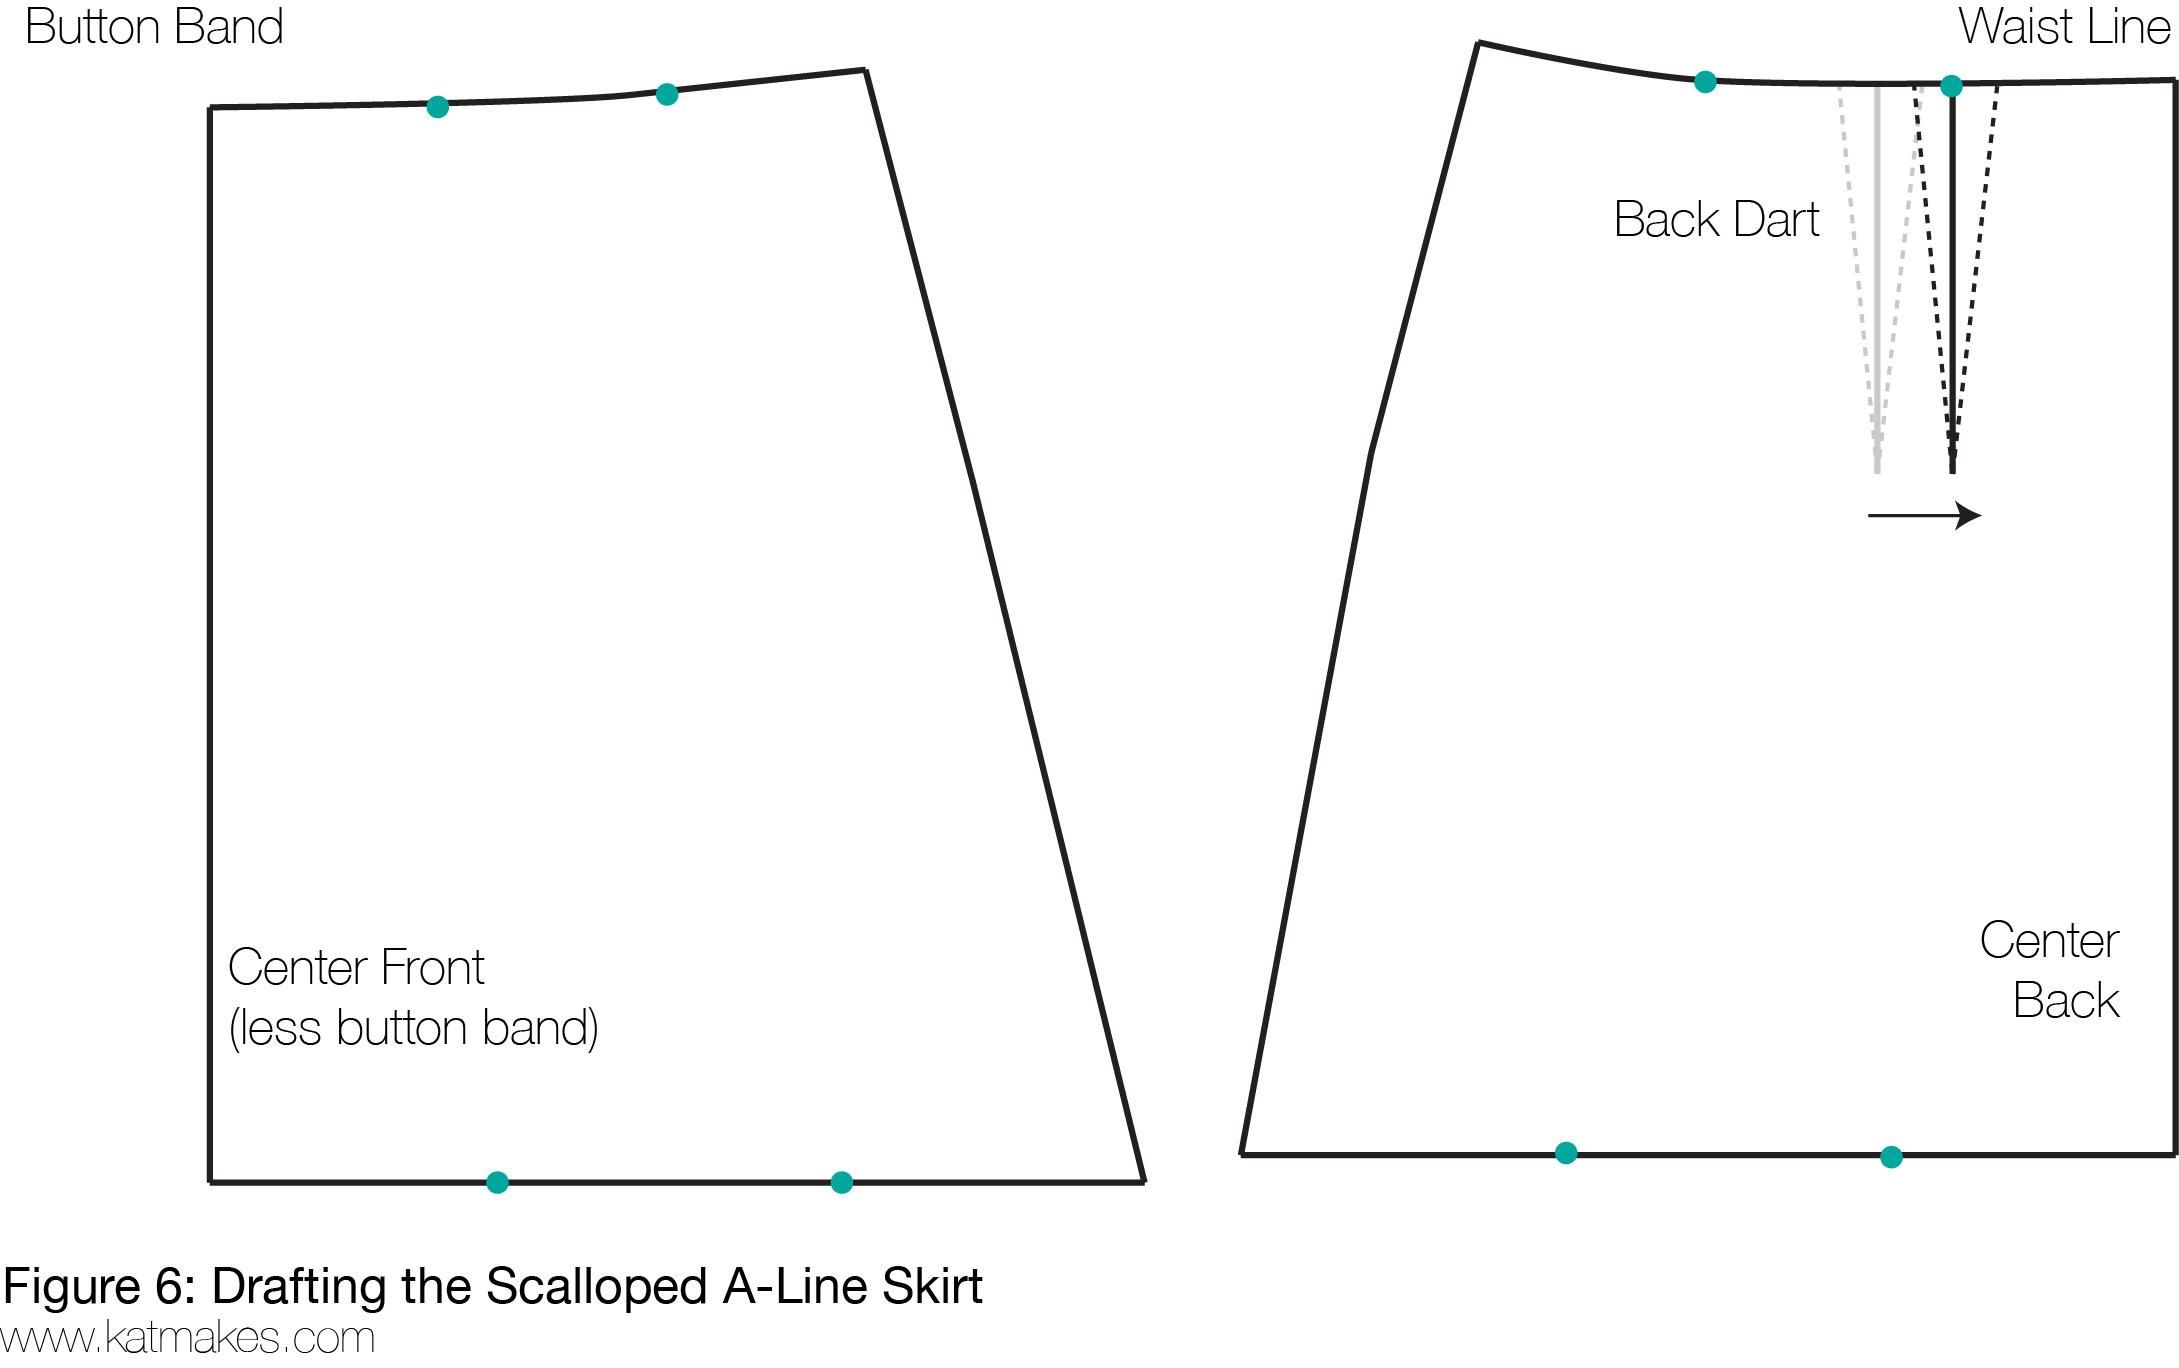 scalloped-skirt-measure divisions.jpg